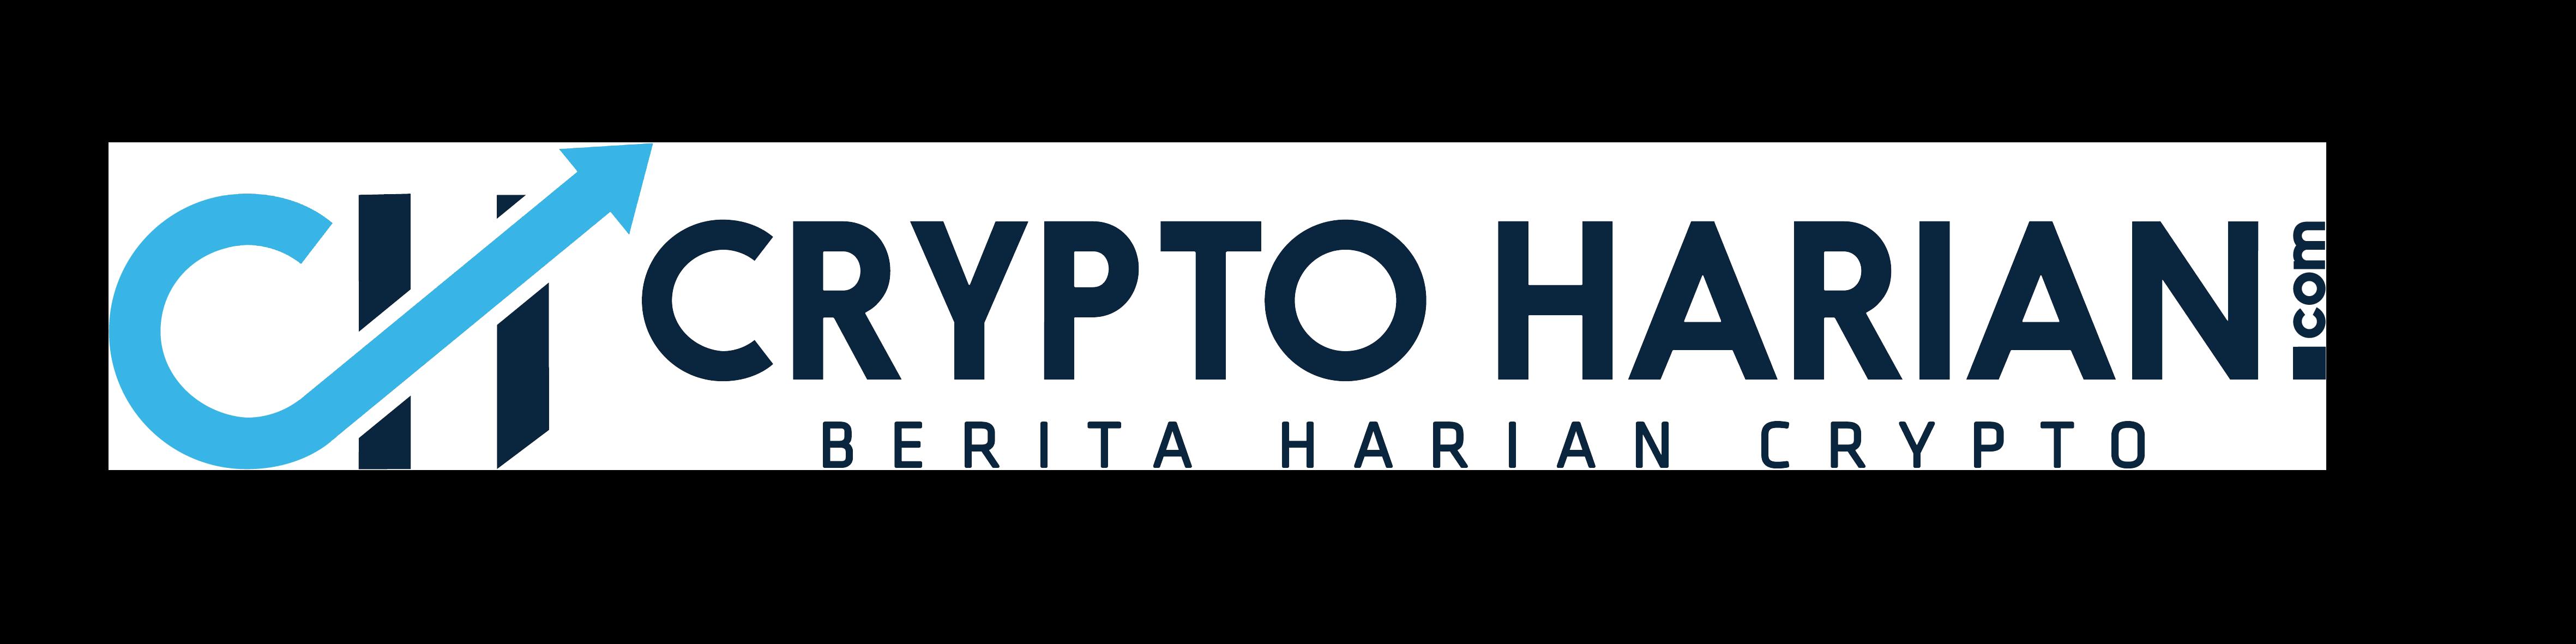 Crypto Harian